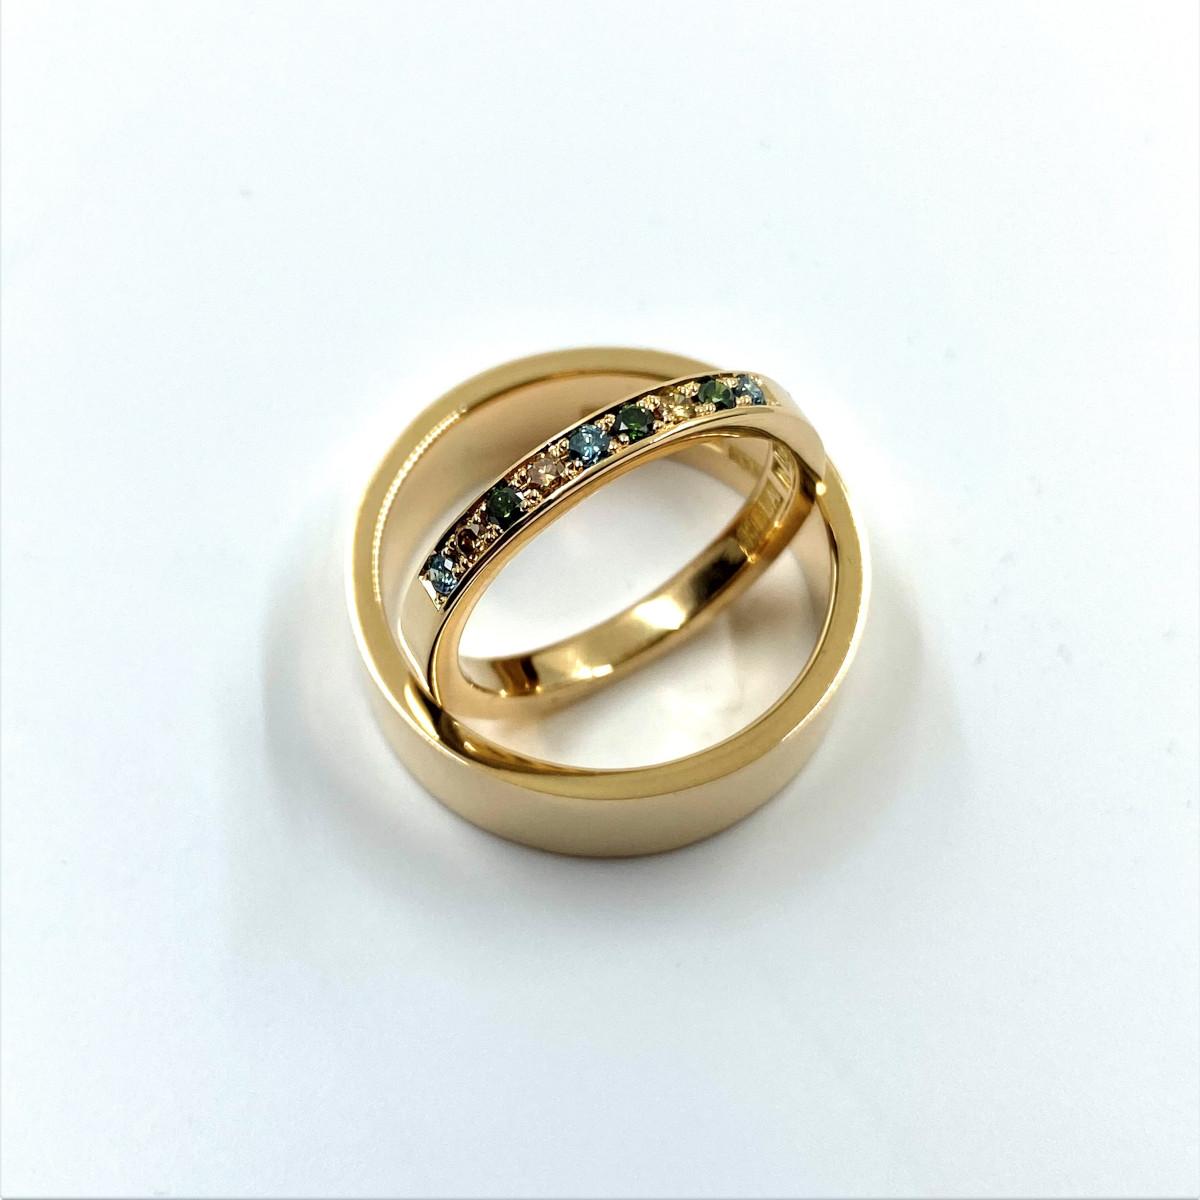 Färgade stenar, vigselring, guldring, förlovningsring